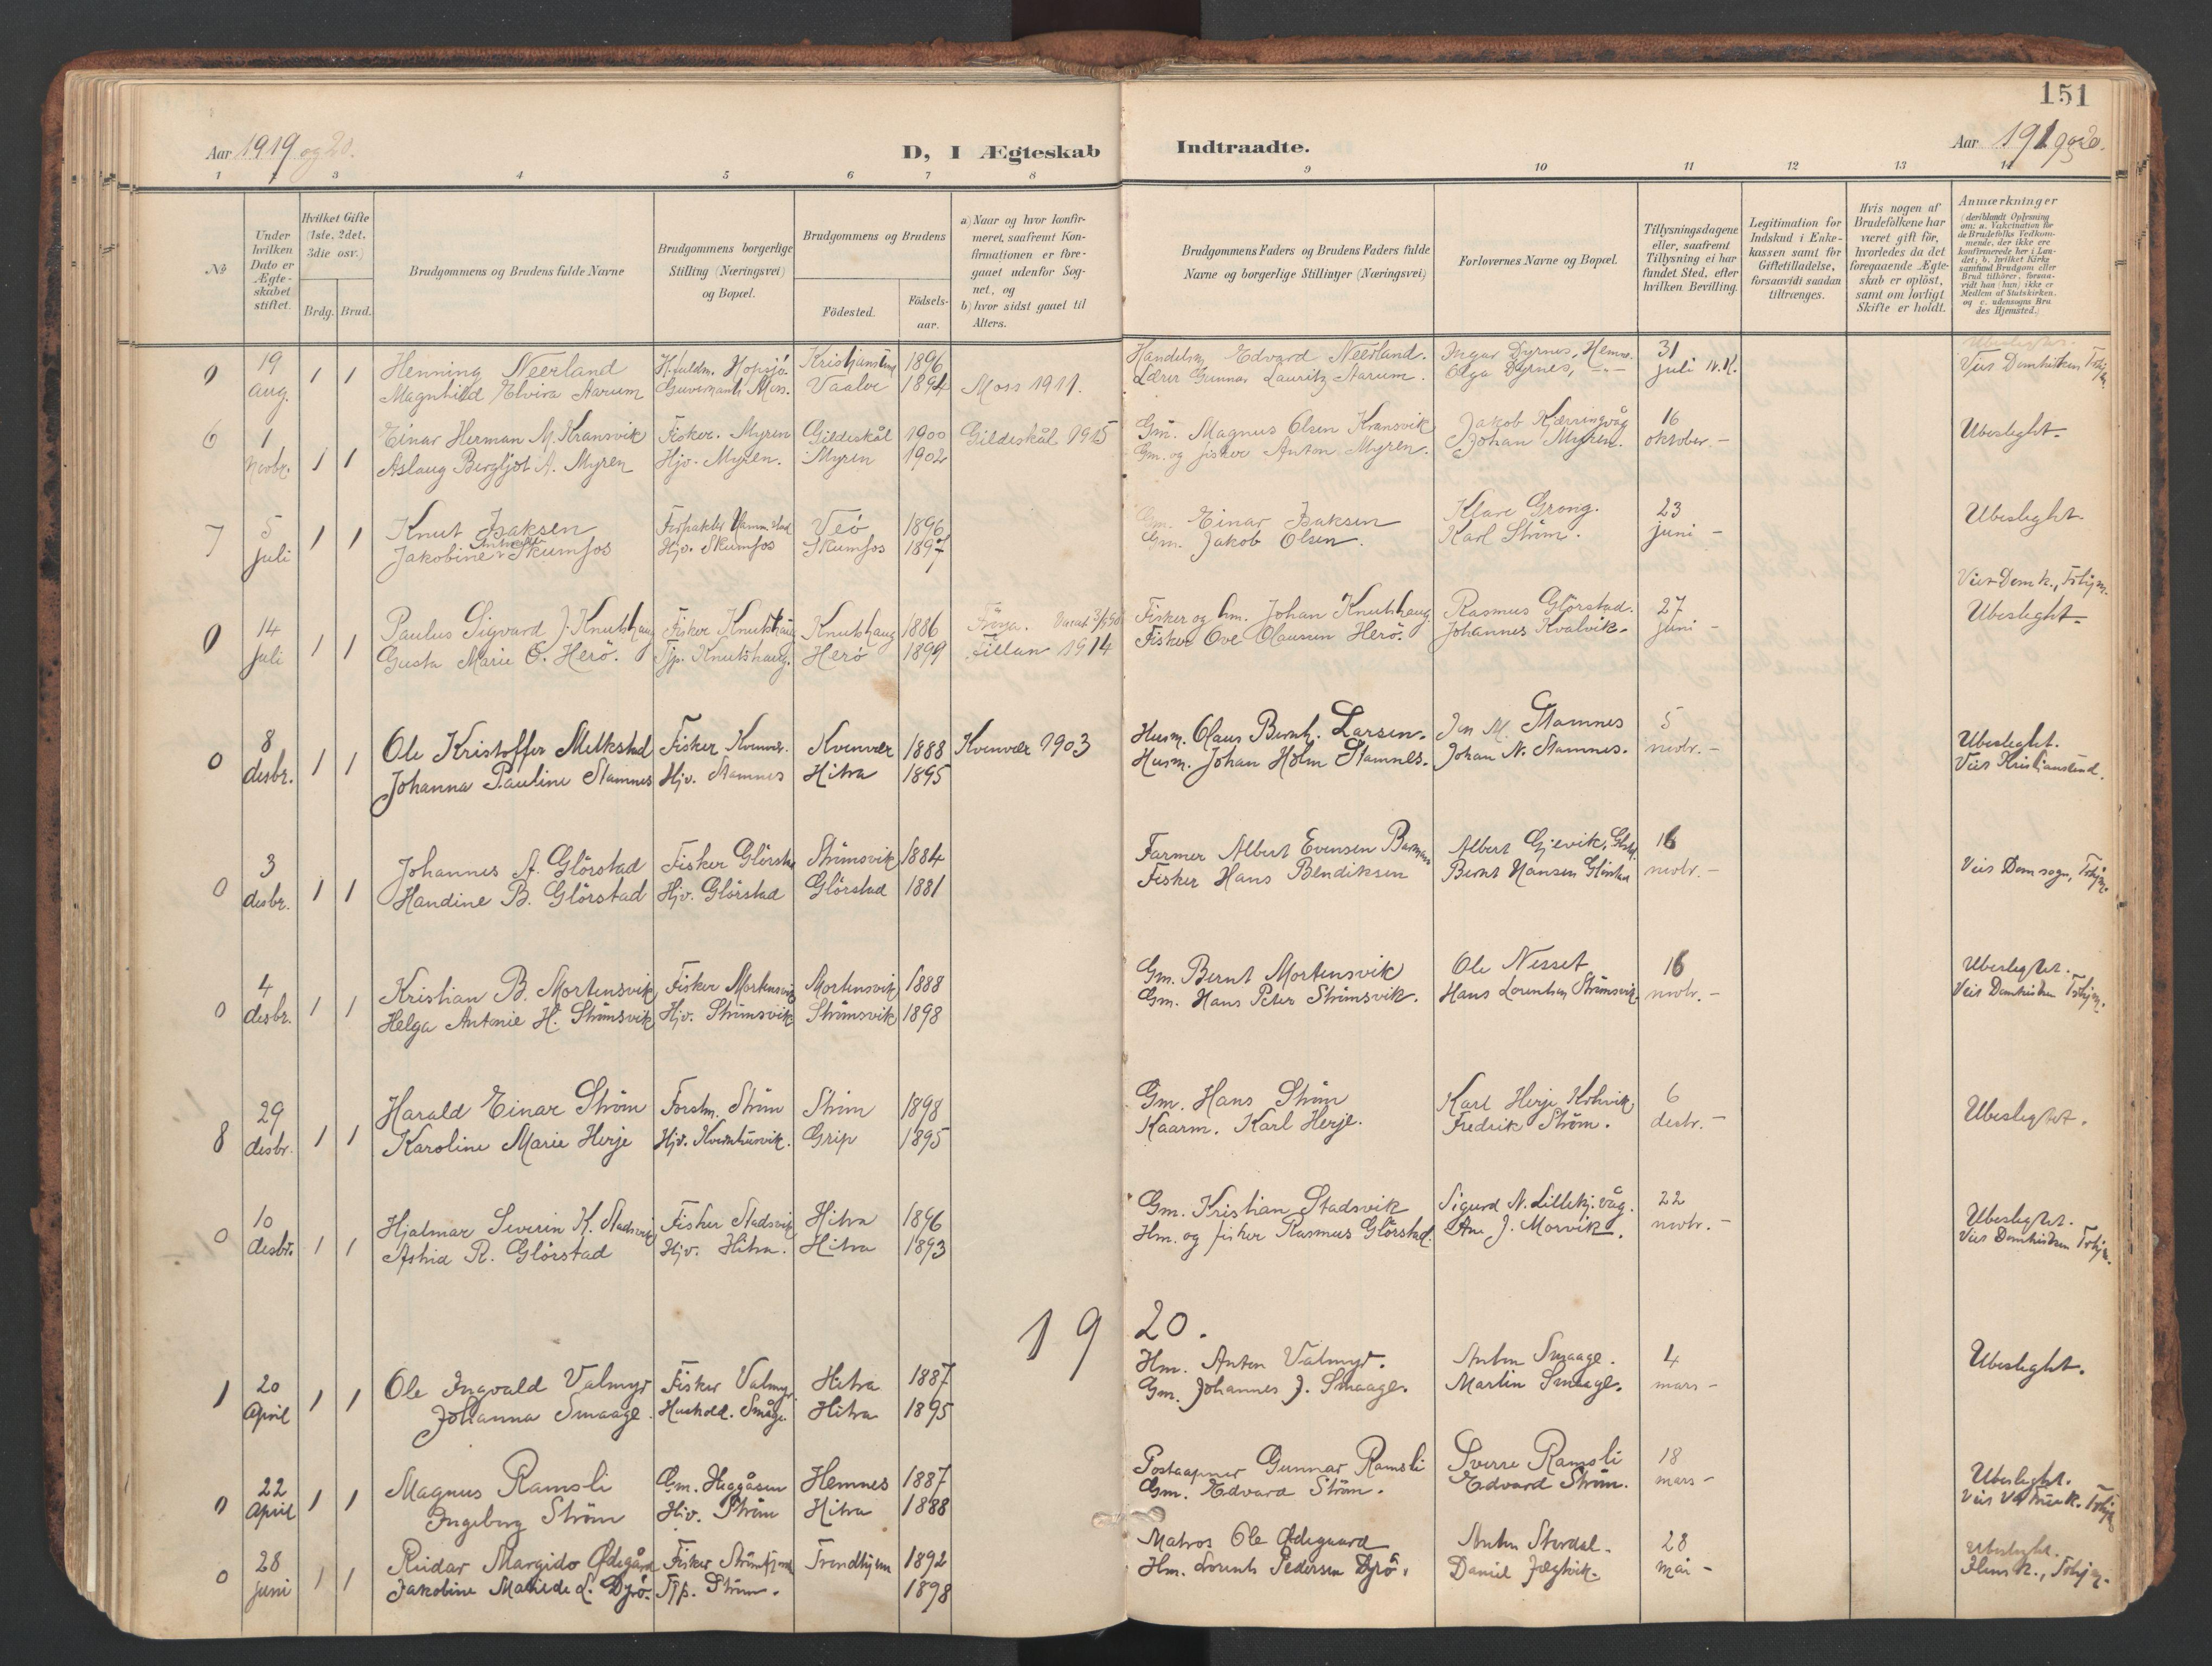 SAT, Ministerialprotokoller, klokkerbøker og fødselsregistre - Sør-Trøndelag, 634/L0537: Ministerialbok nr. 634A13, 1896-1922, s. 151